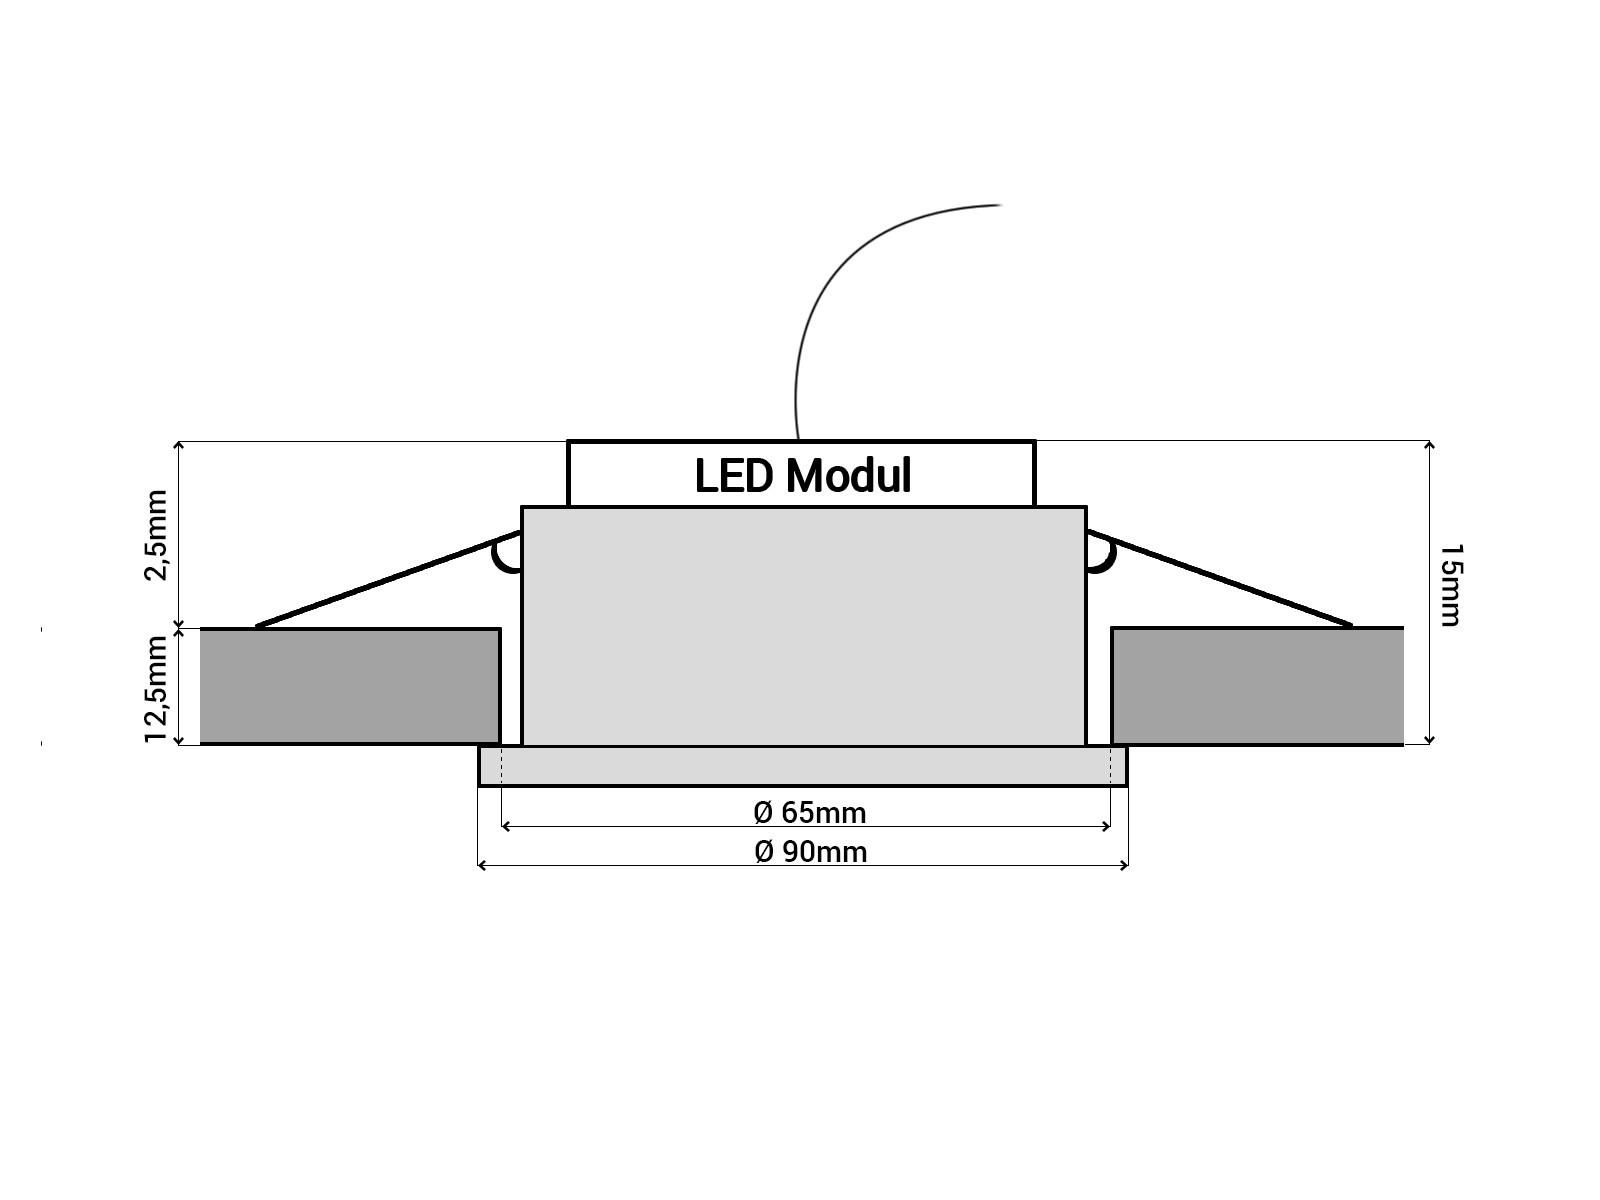 glas led einbaustrahler flach rund schwarz spiegelnd led modul 5w neutralwei 4000k 230v. Black Bedroom Furniture Sets. Home Design Ideas